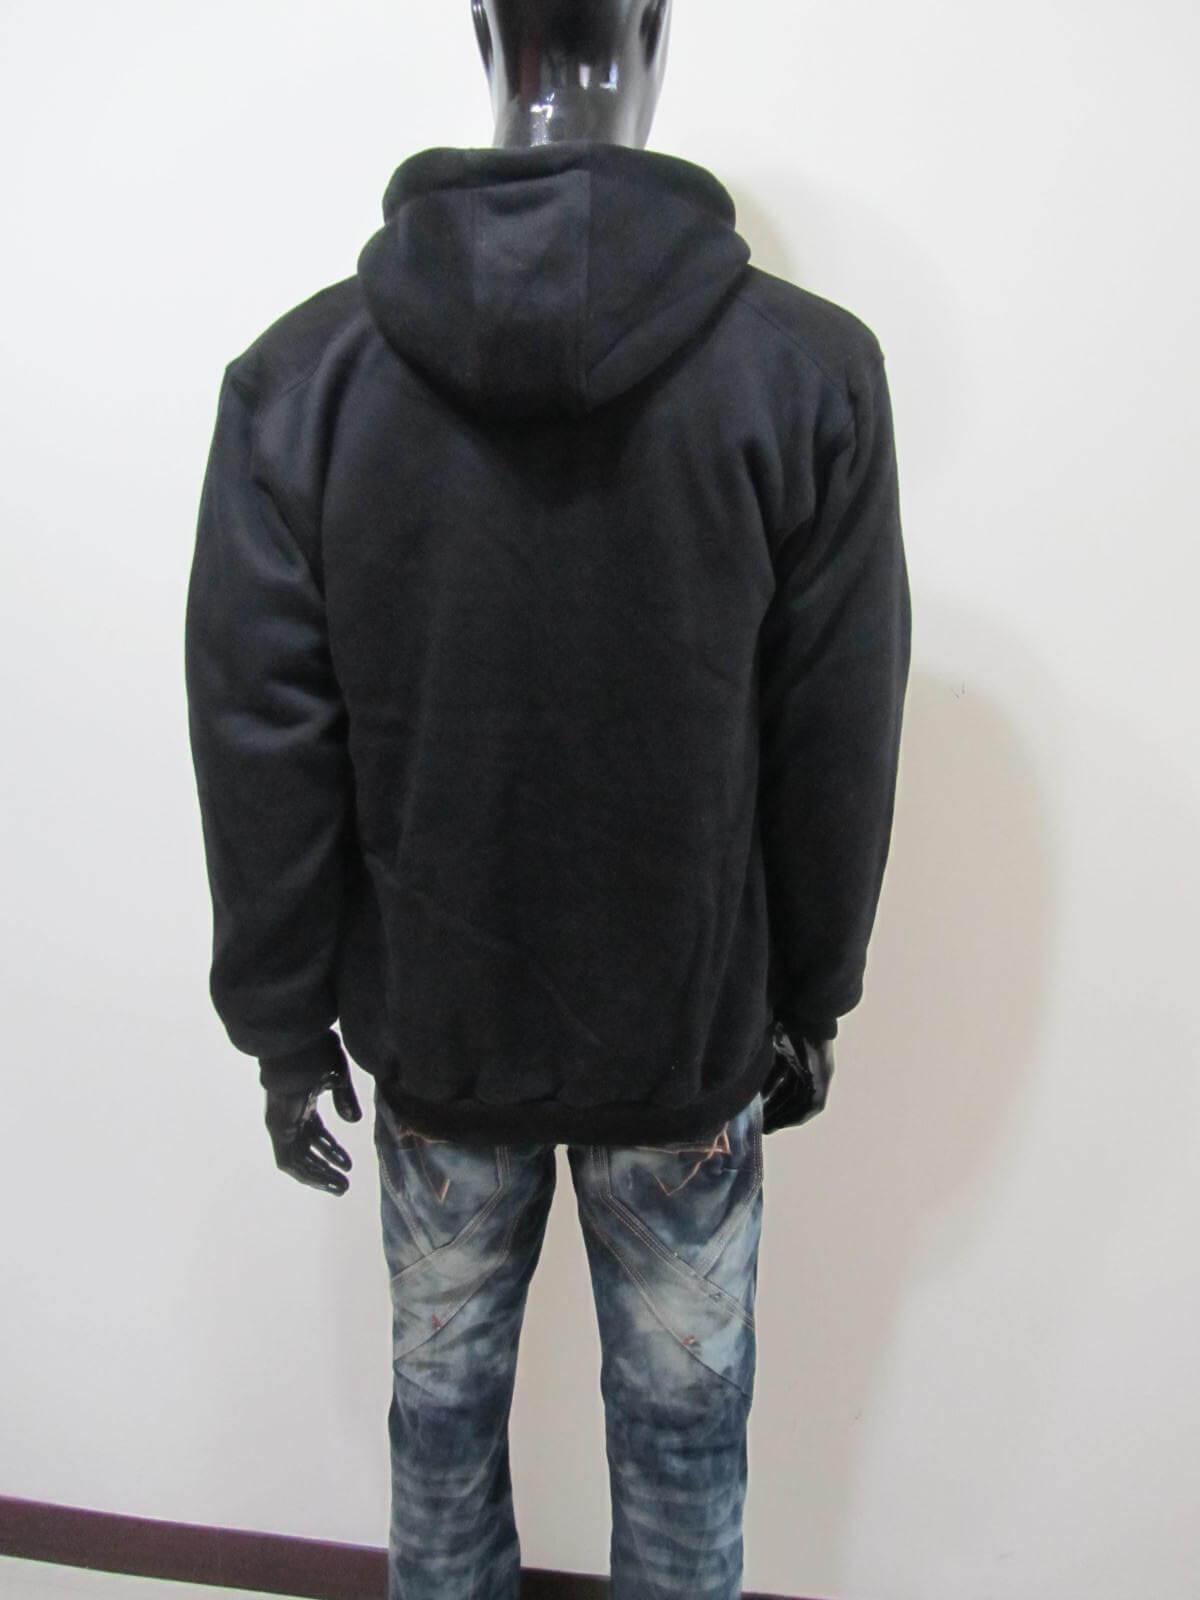 厚刷毛外套 保暖外套 連帽外套 夾克外套 休閒外套 黑色外套 Fleece Jackets Warm Jackets Casual Jackets Men's Jackets (312-2801-21)黑色 單一尺寸 F 胸圍46英吋 (117公分) 男 [實體店面保障]sun-e 2